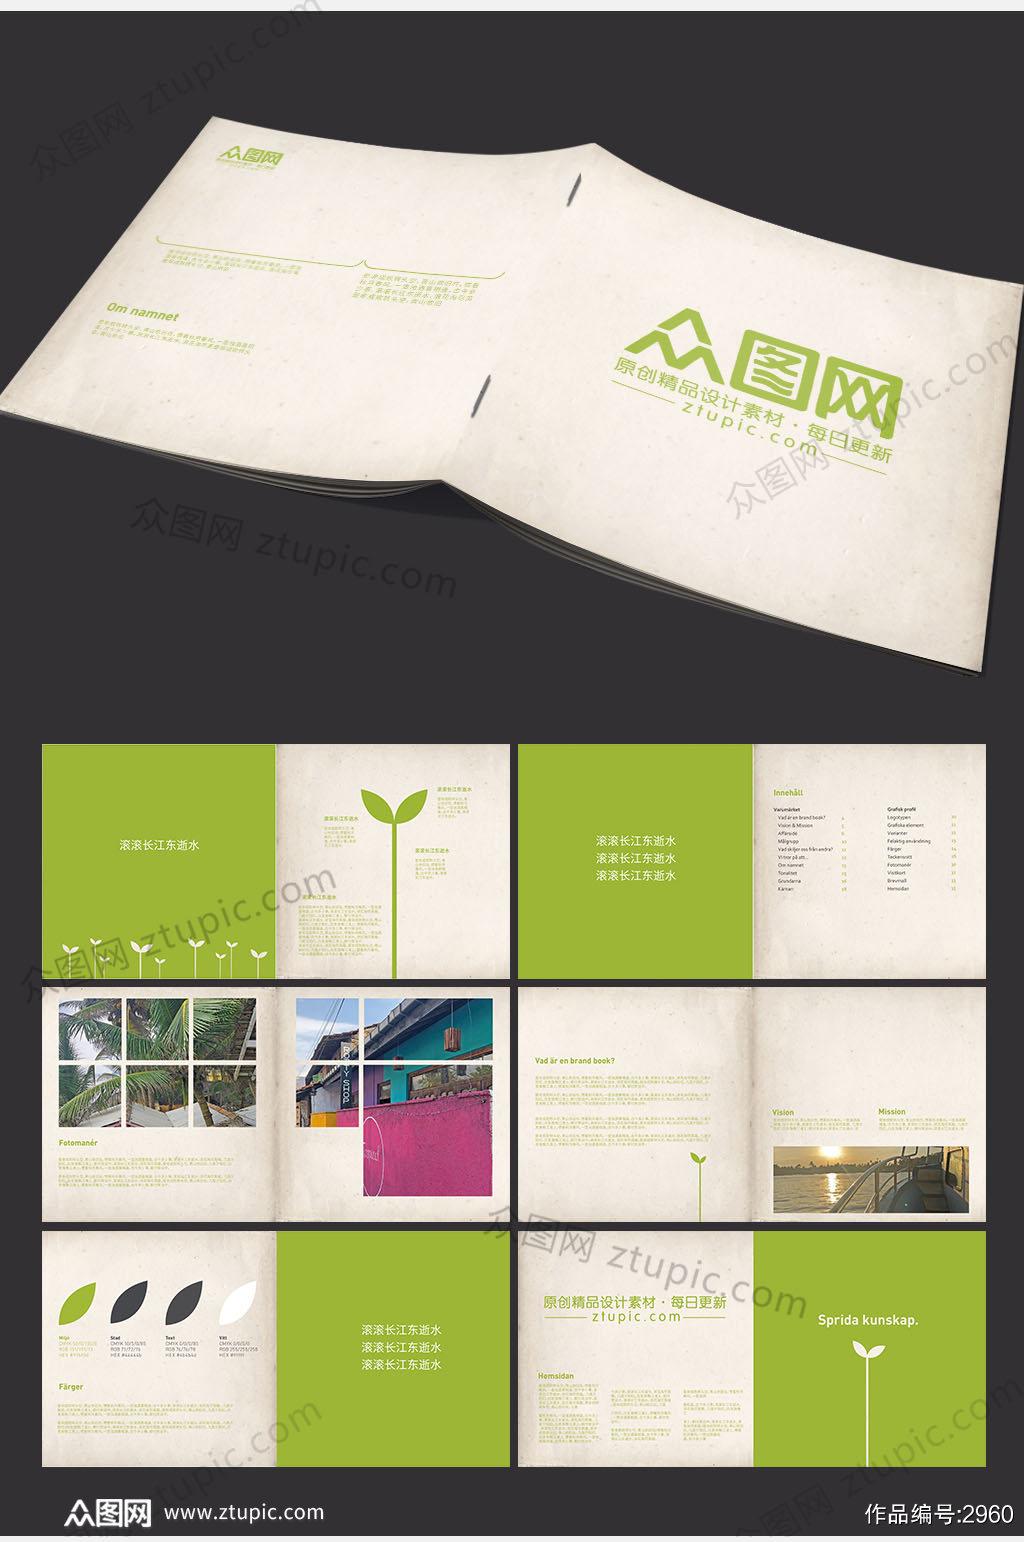 清新简约企业画册素材